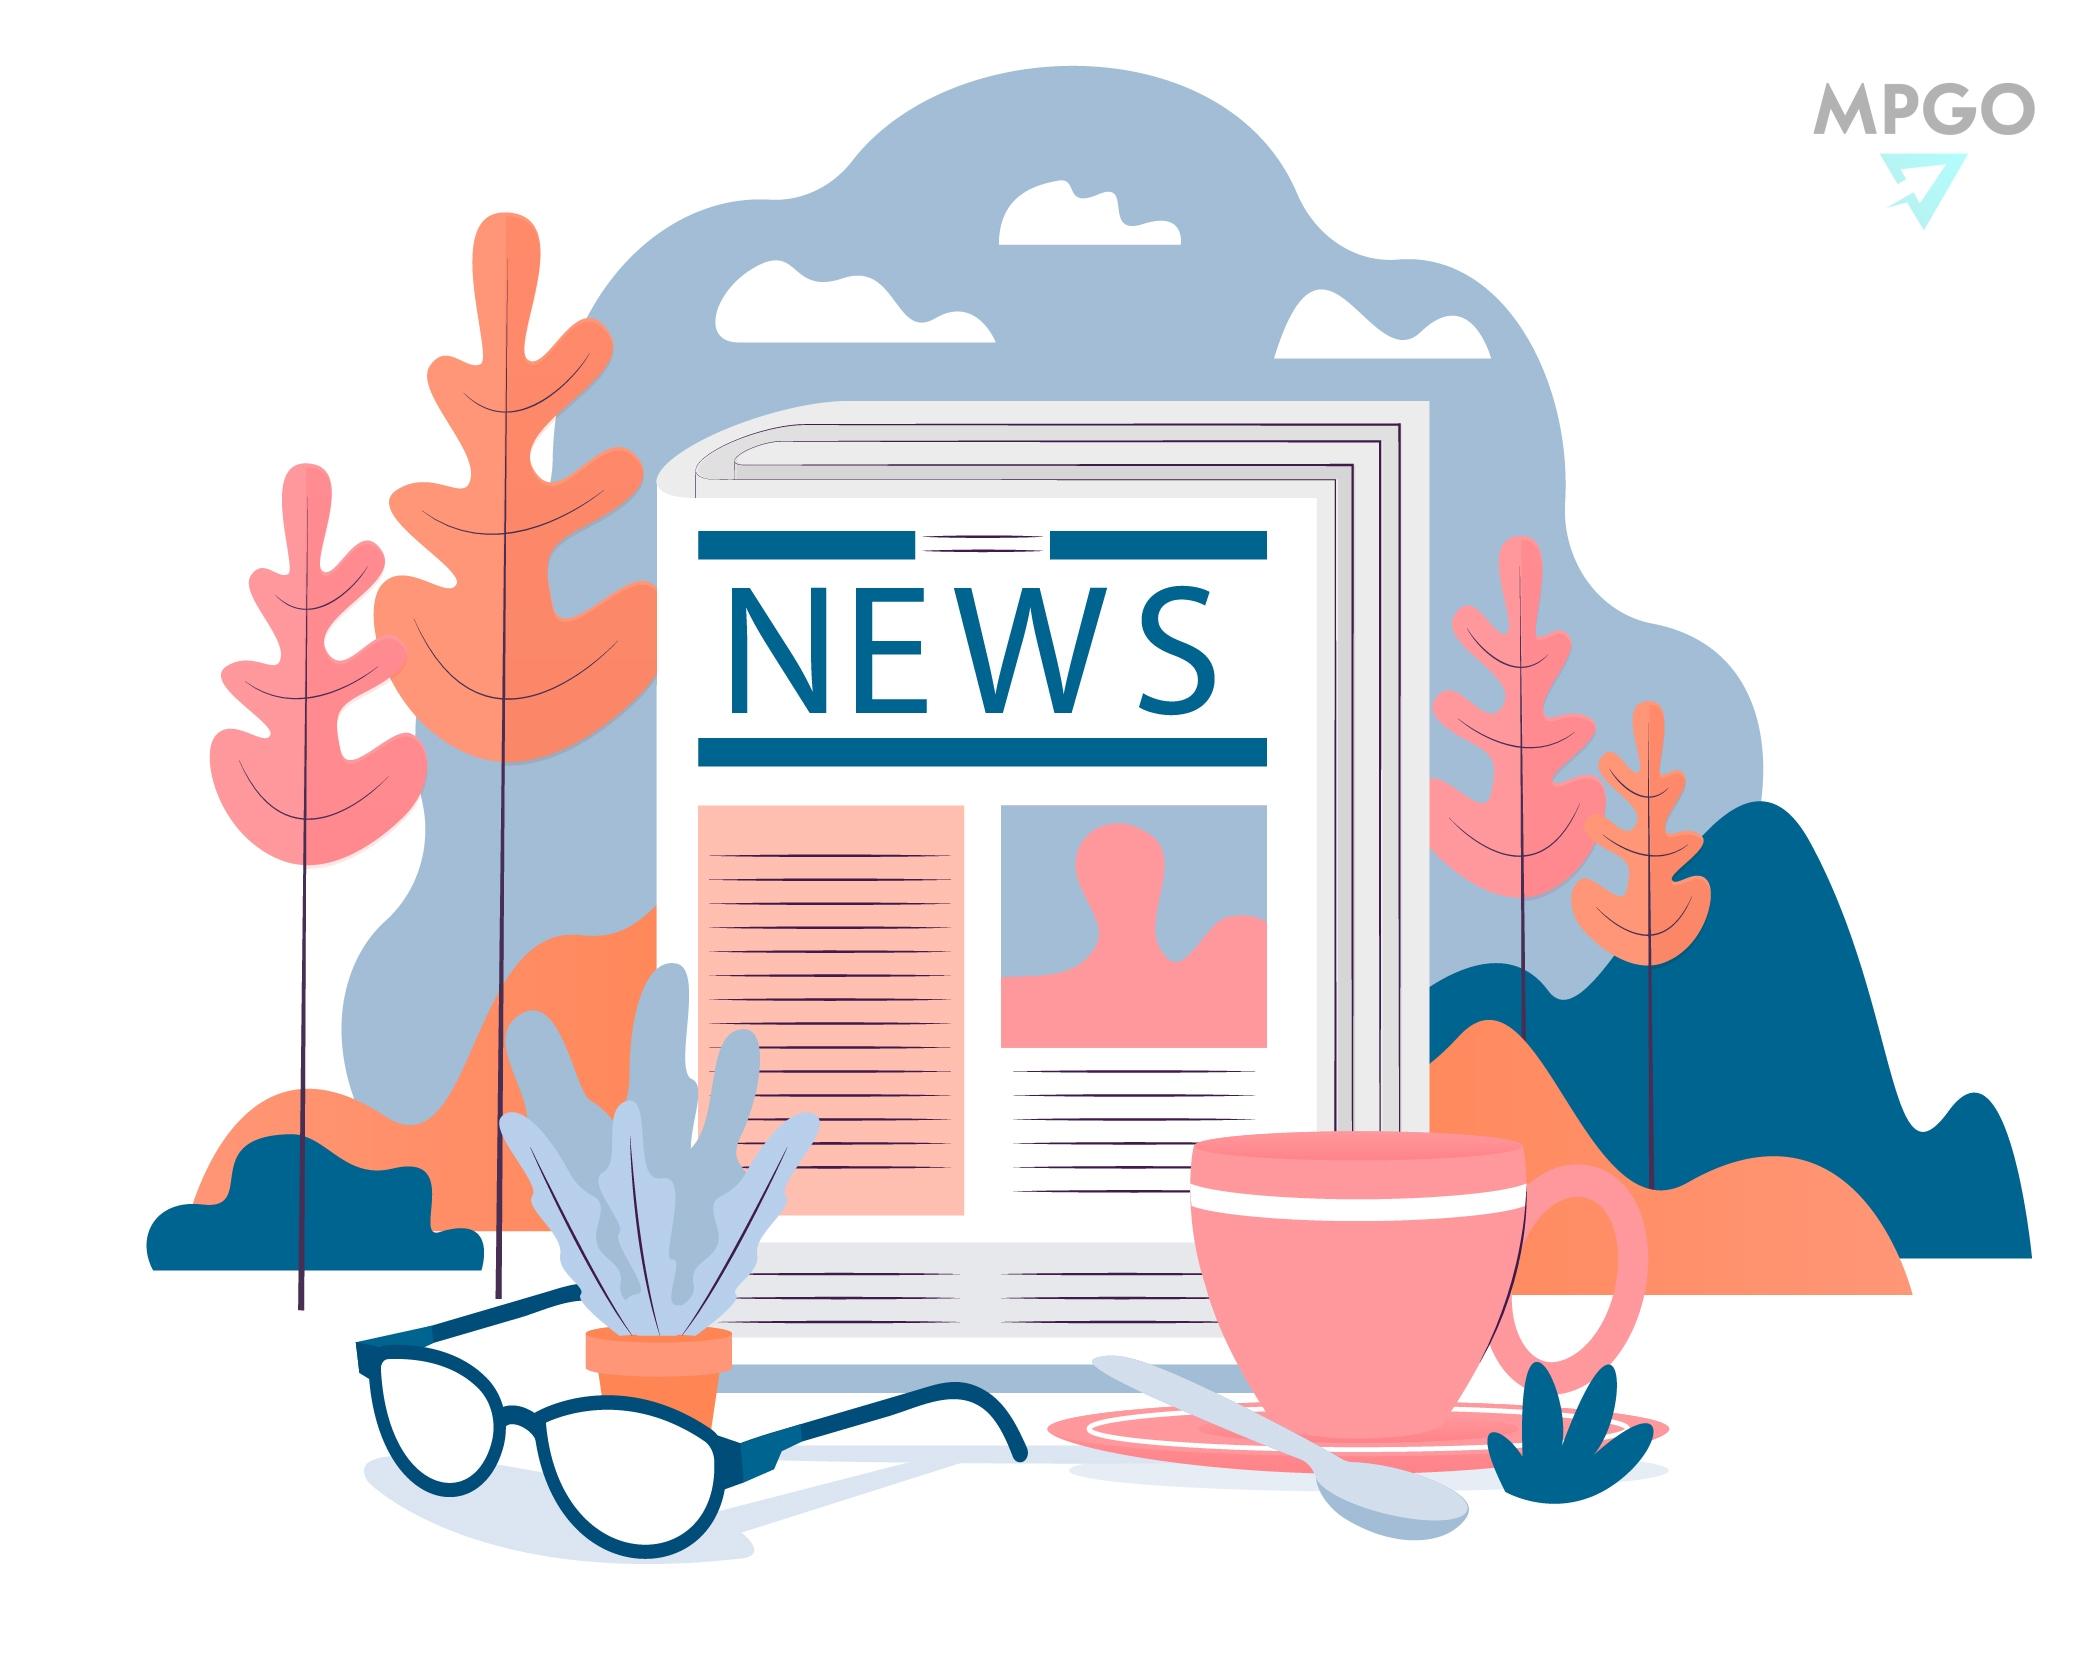 Новости маркетплейсов